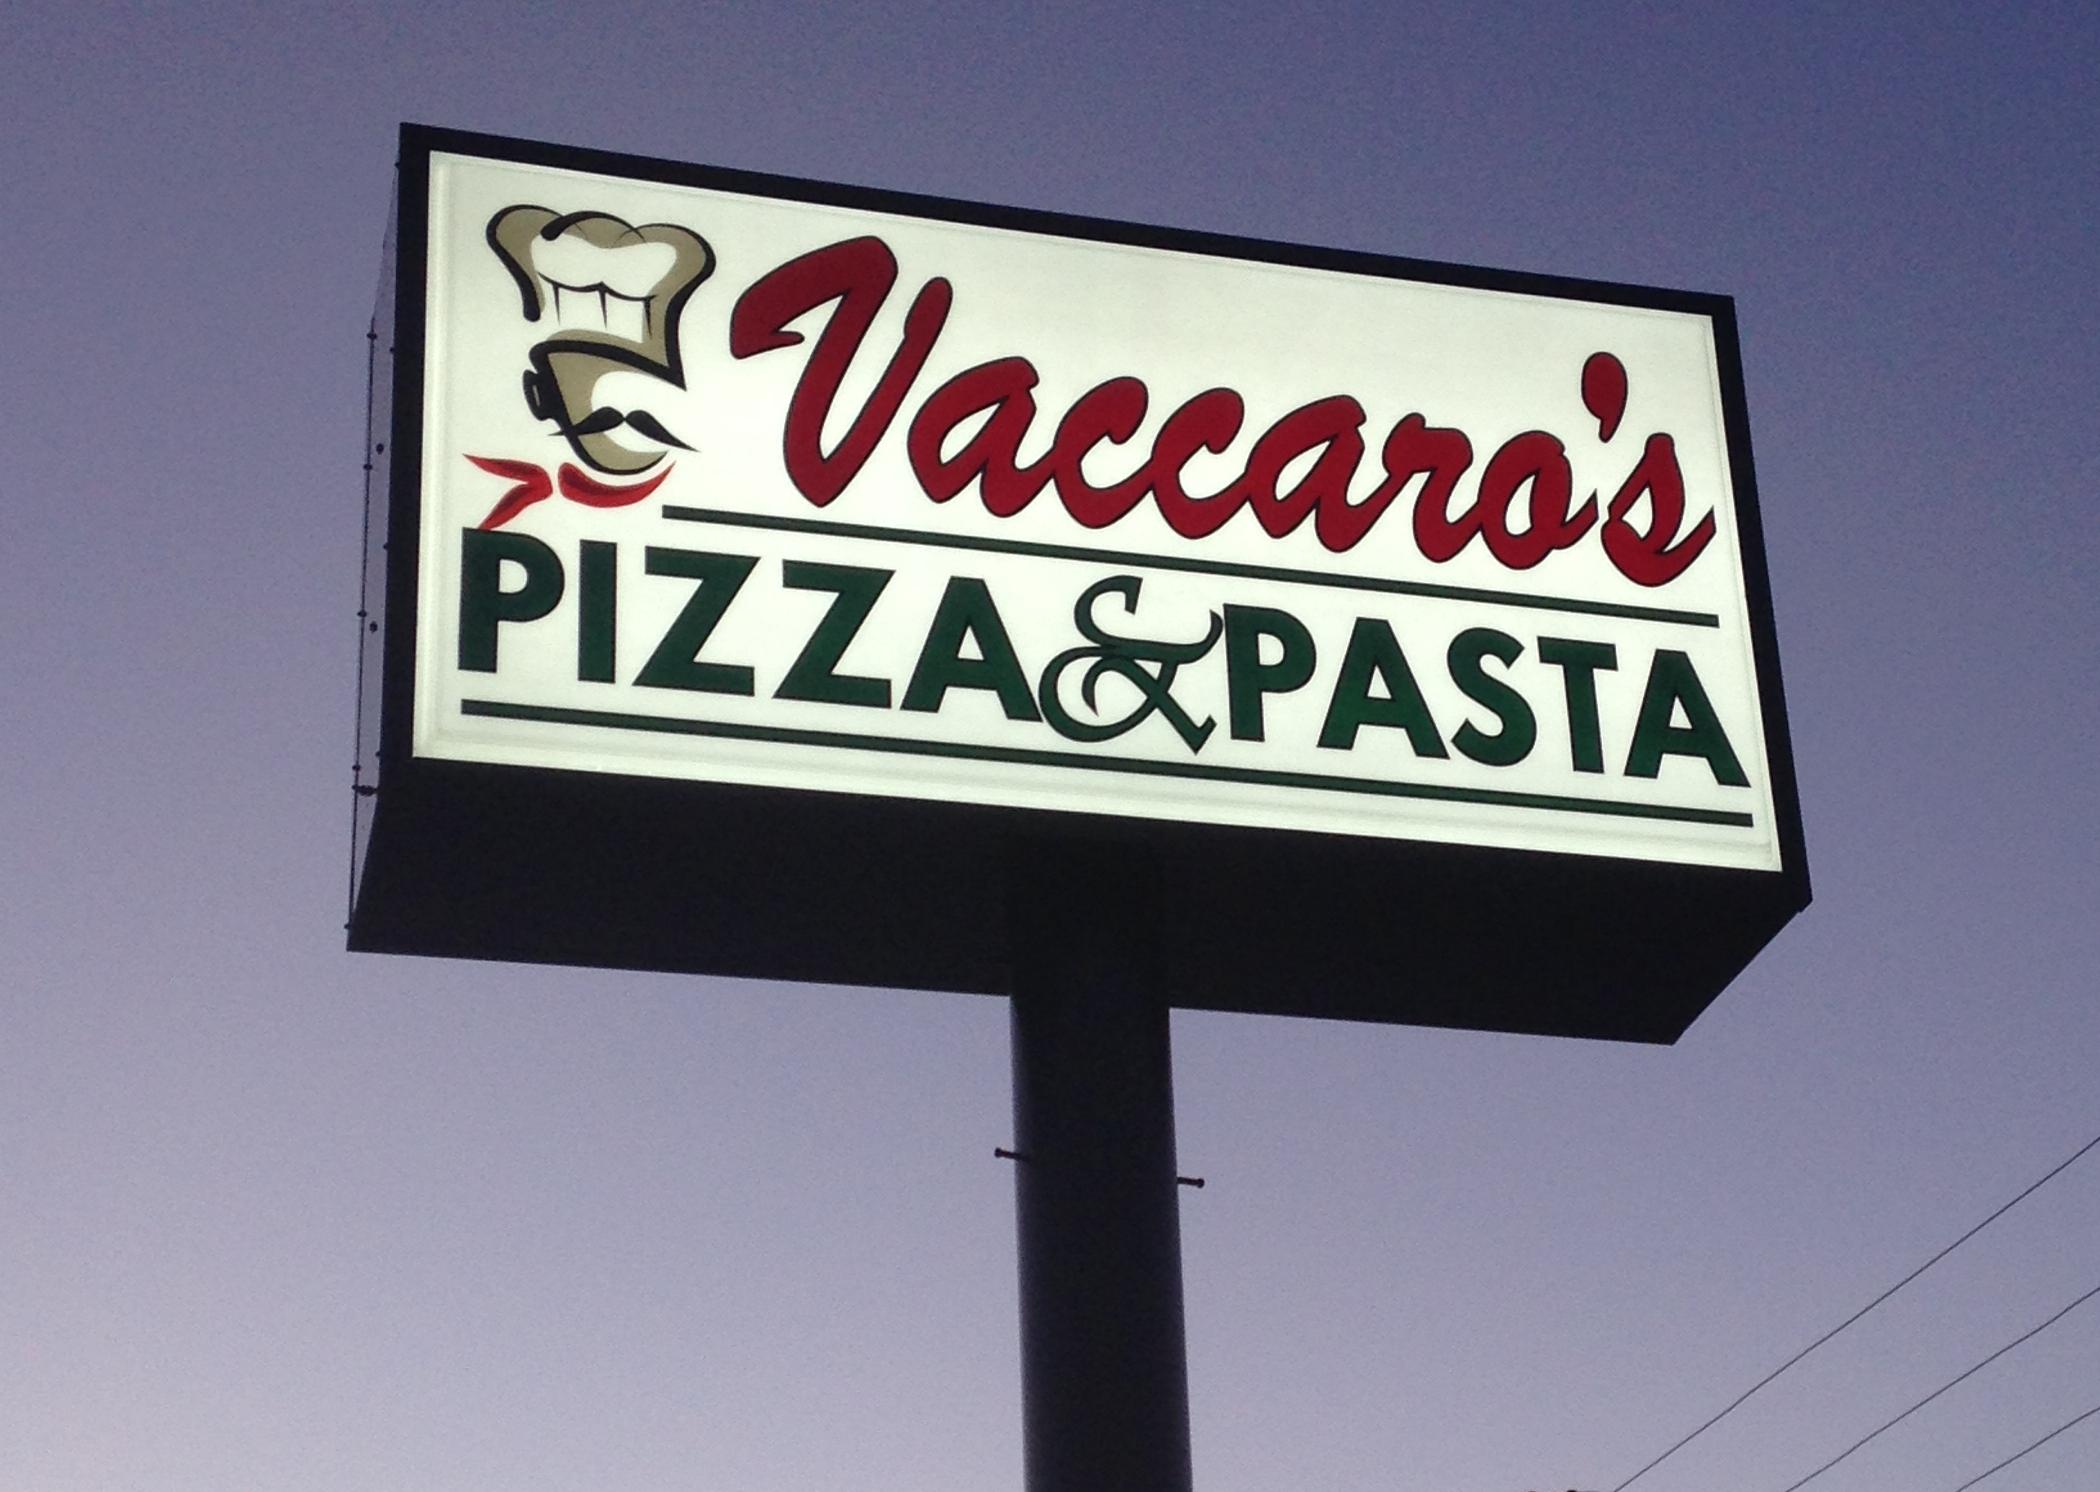 Vaccaro's Pizza & Pasta, Mansfield MO